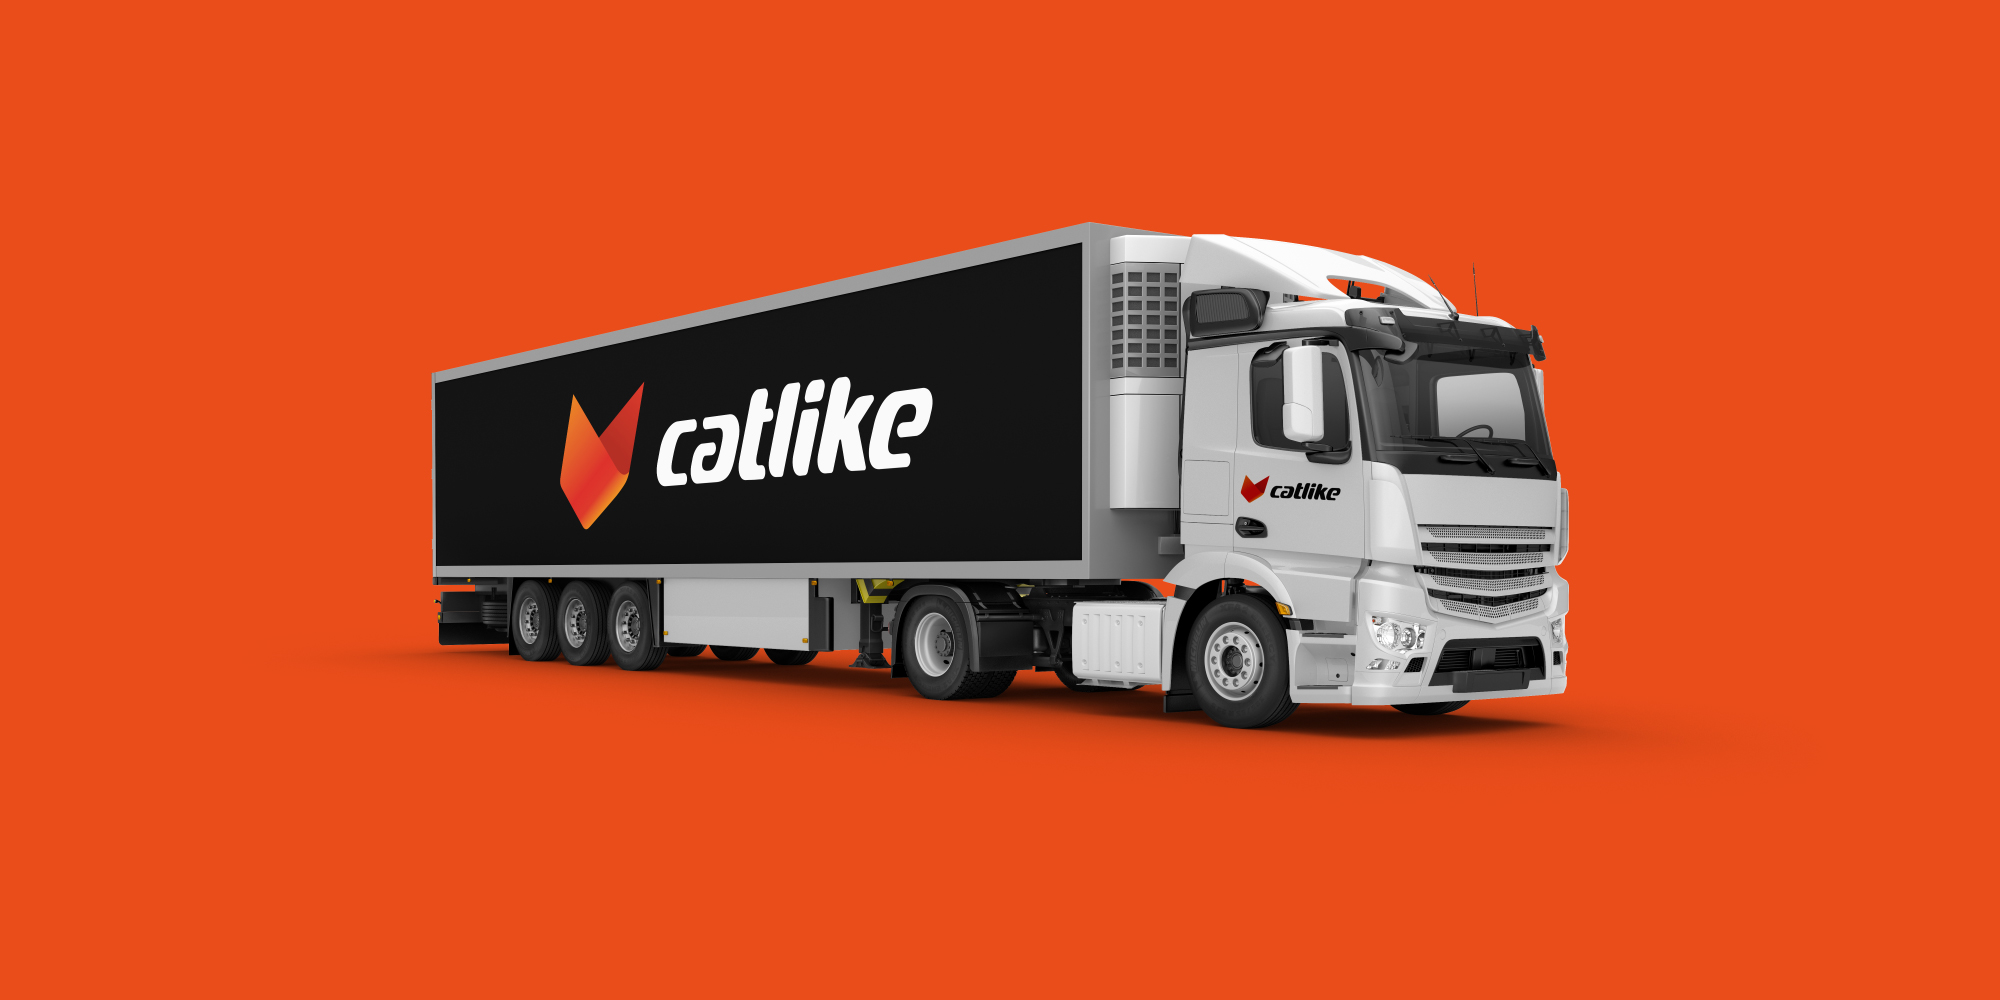 catlike-branding-002